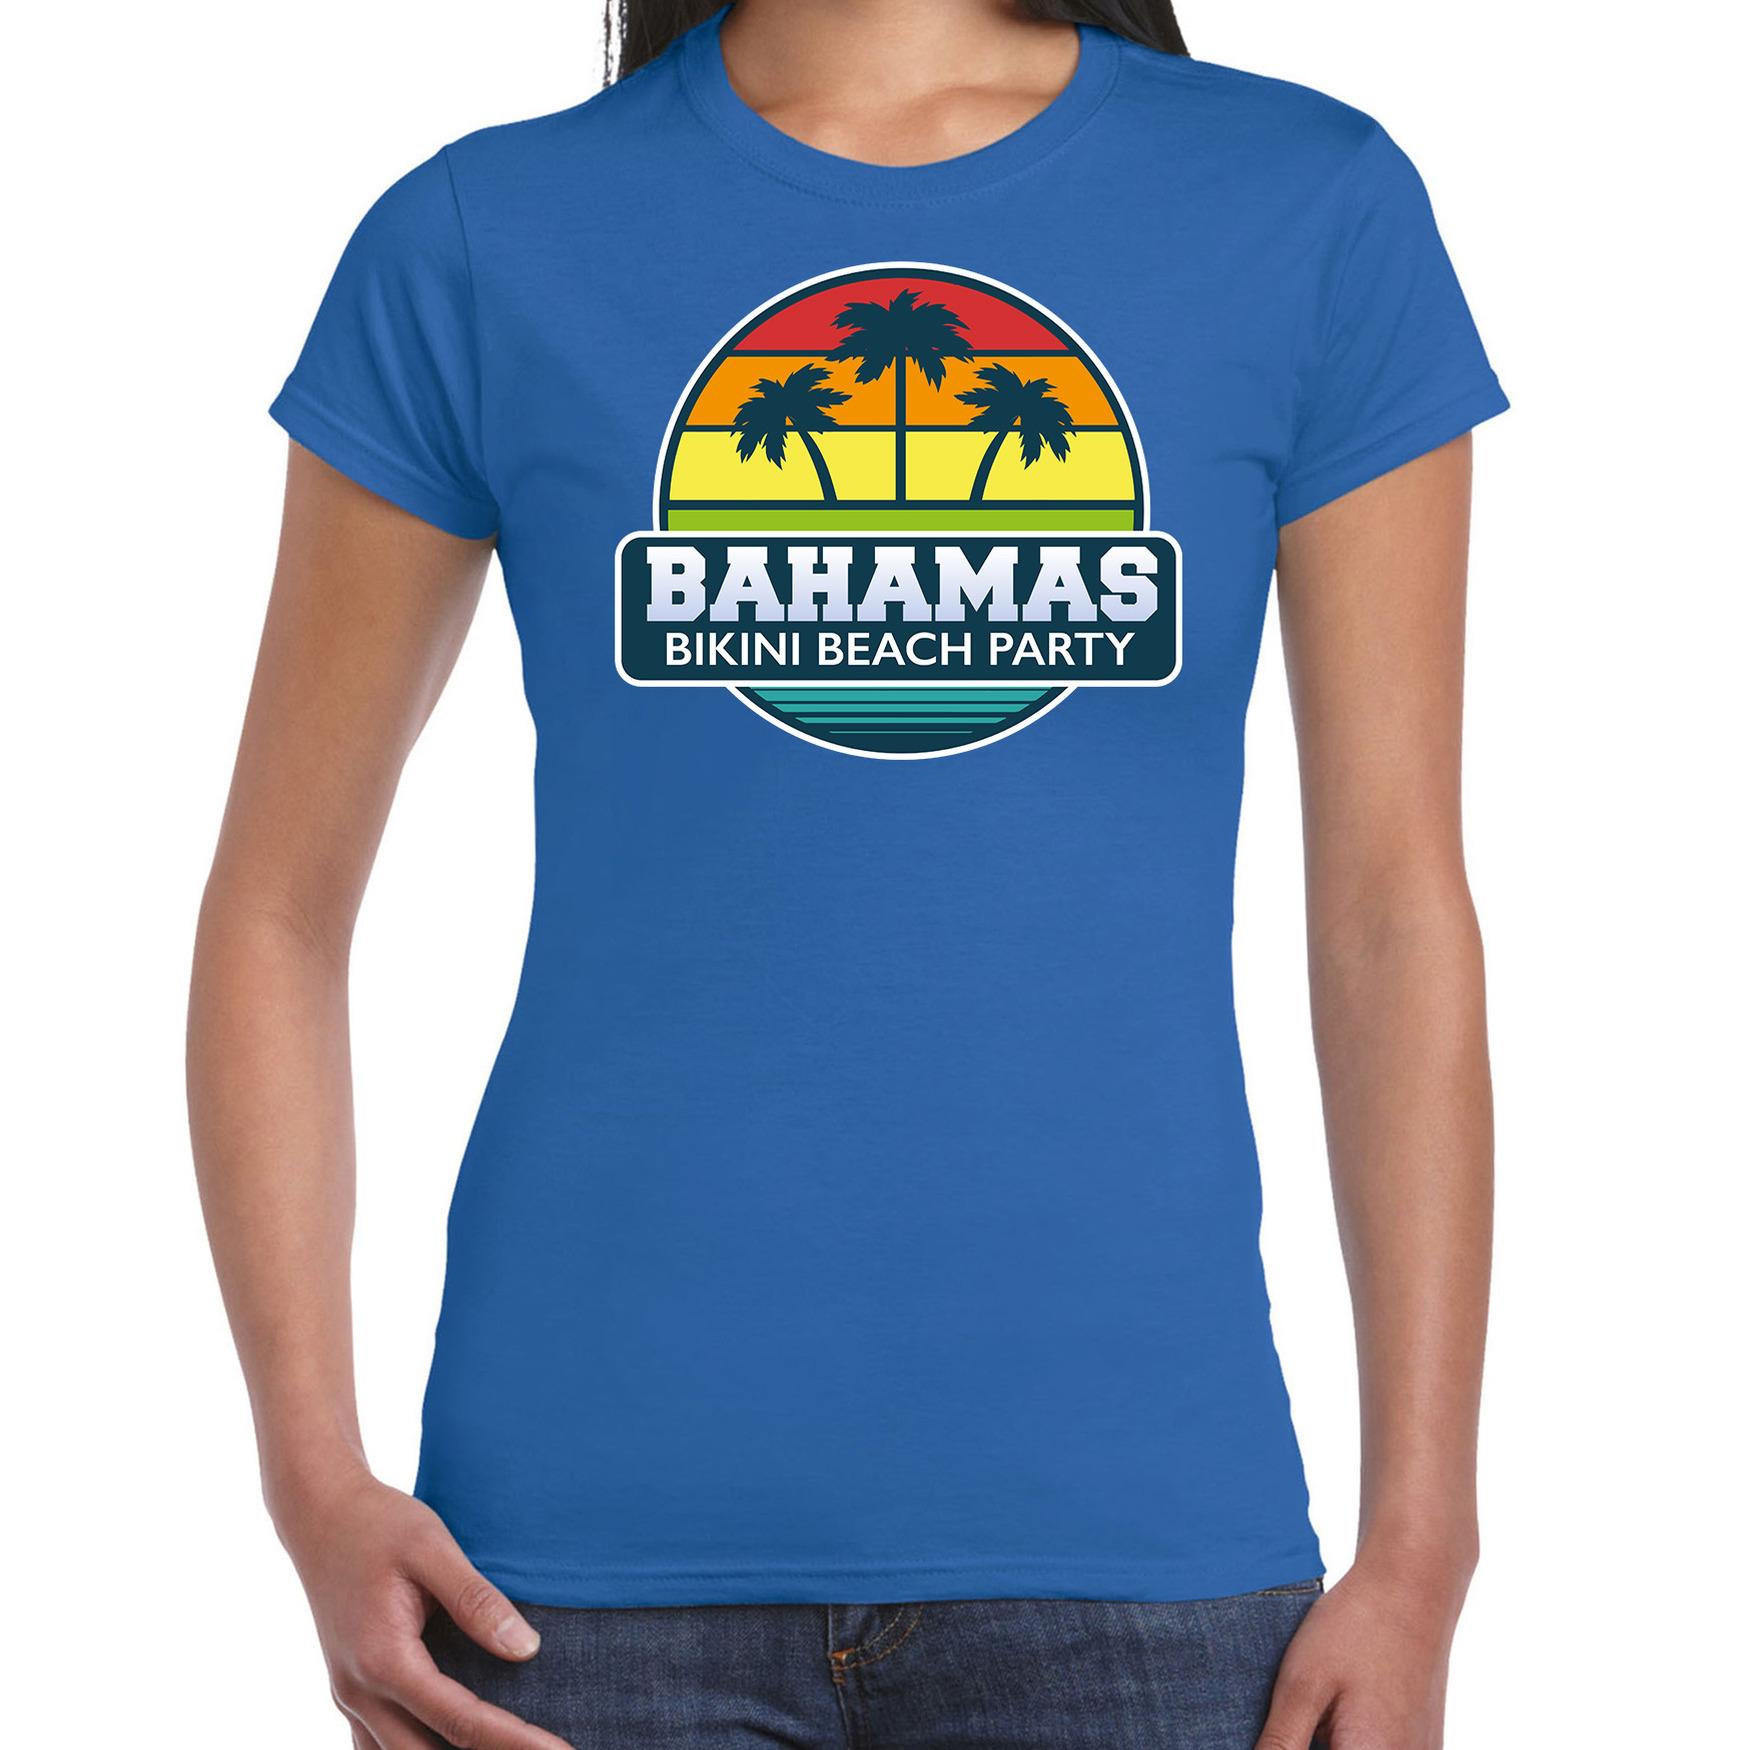 Bahamas zomer t-shirt / shirt Bahamas bikini beach party blauw voor dames